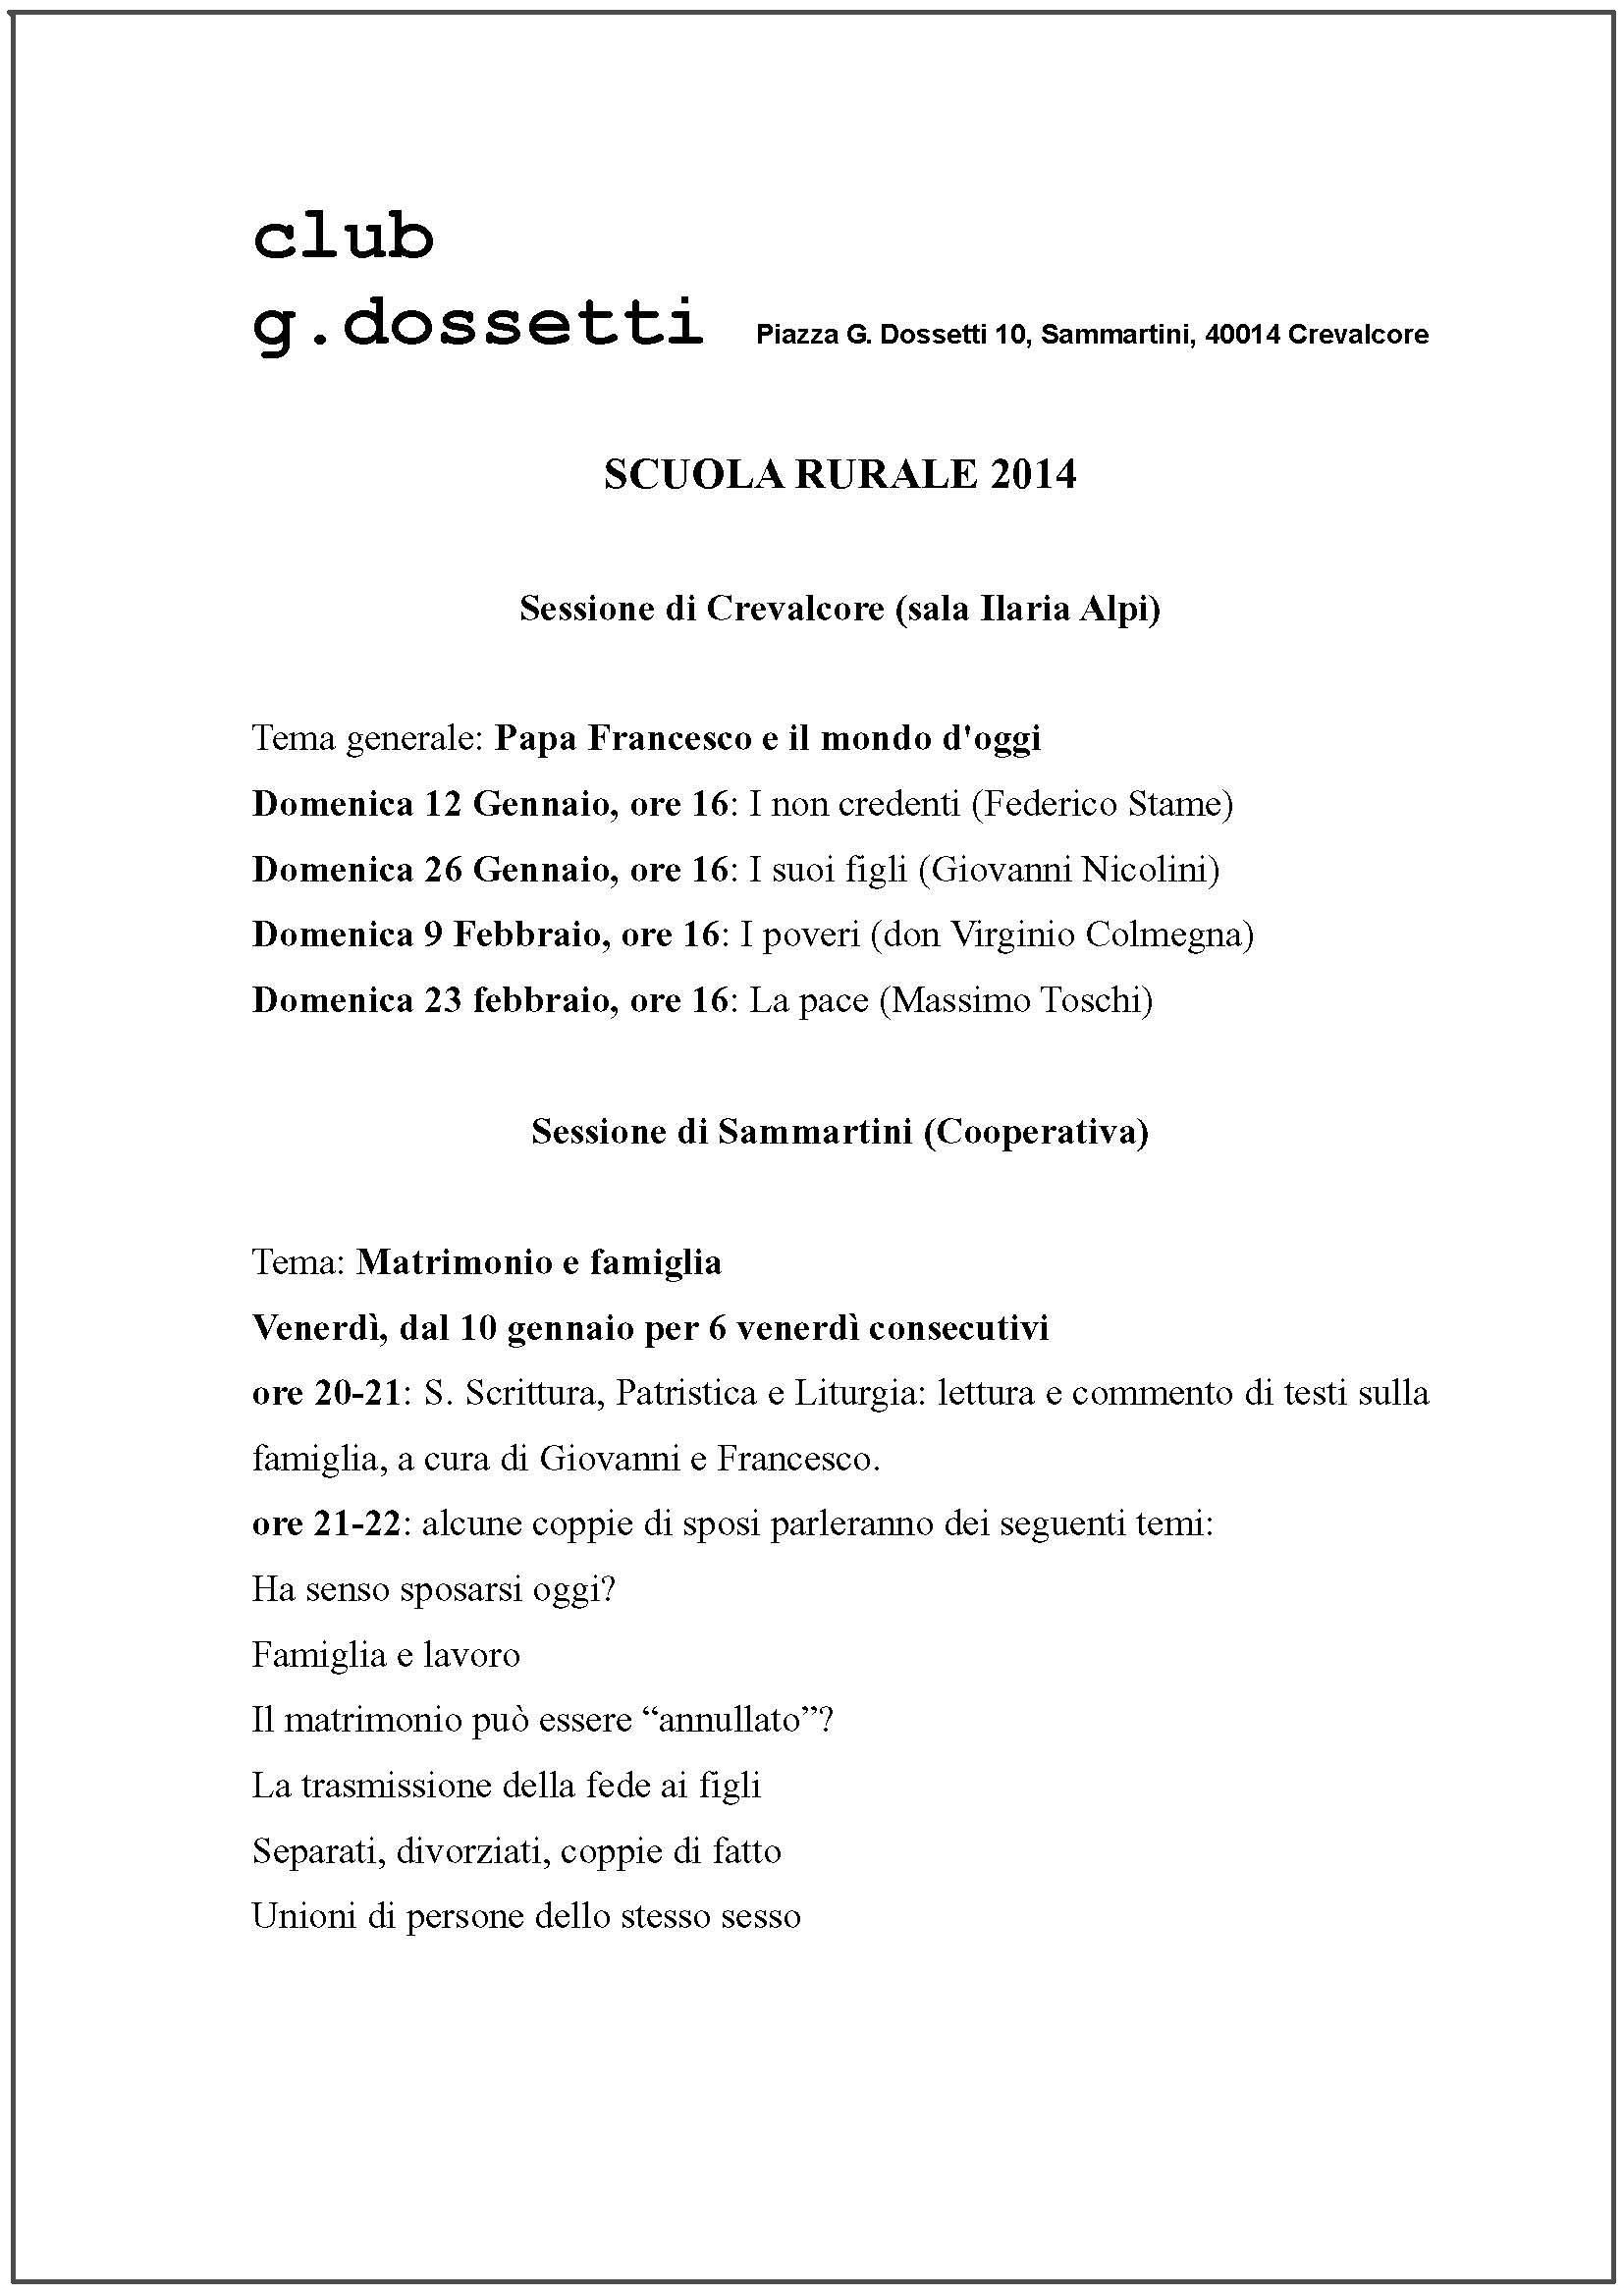 Scuola Rurale 2014 – Incontro di domenica 26-01-2014